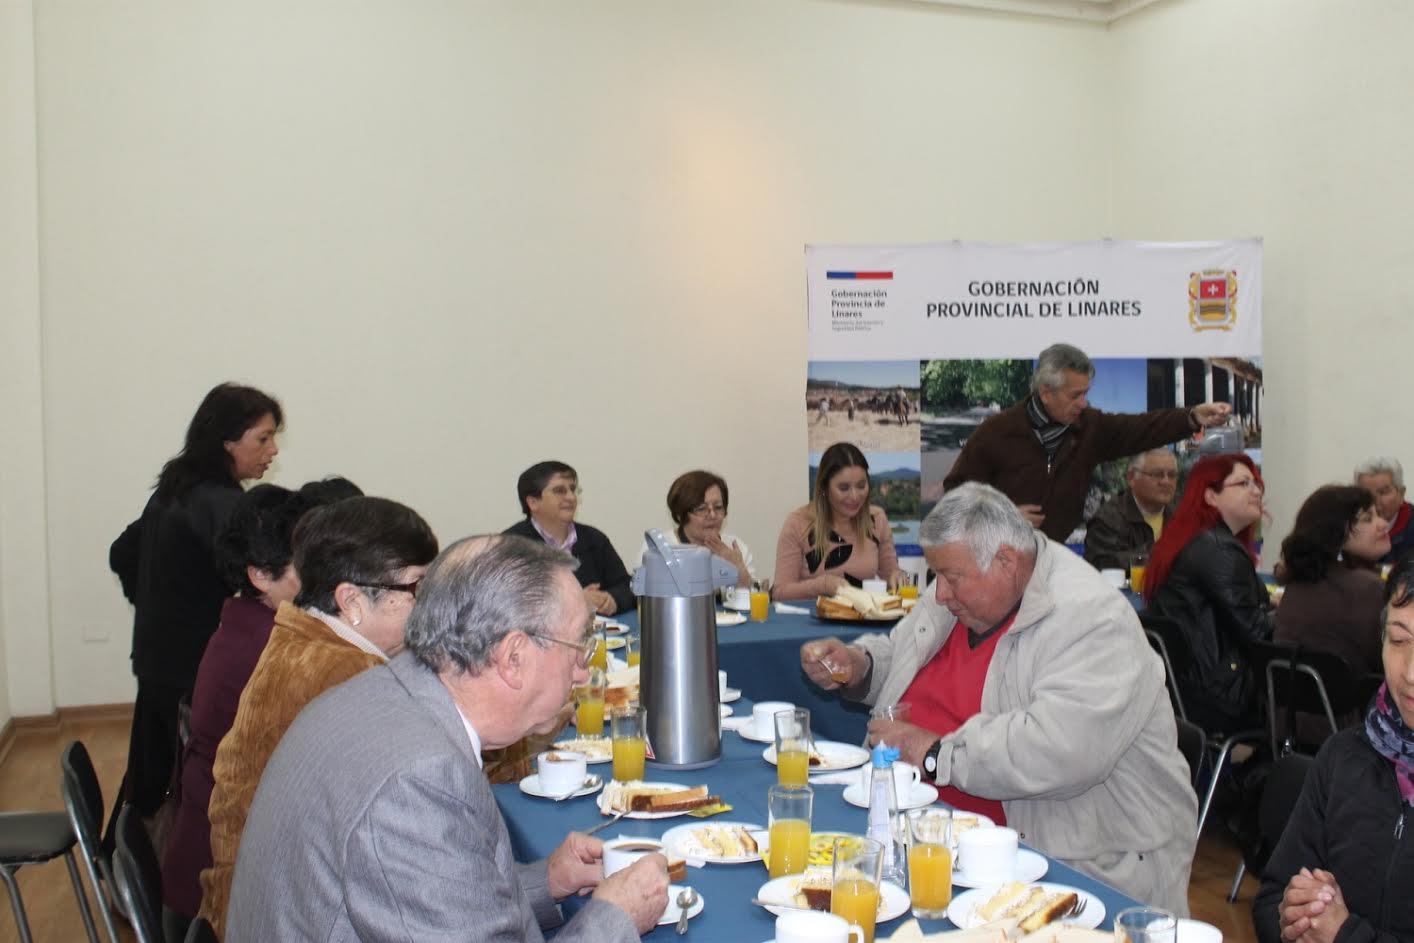 Destacan labor de los dirigentes sociales y territoriales en el desarrollo de la Provincia de Linares